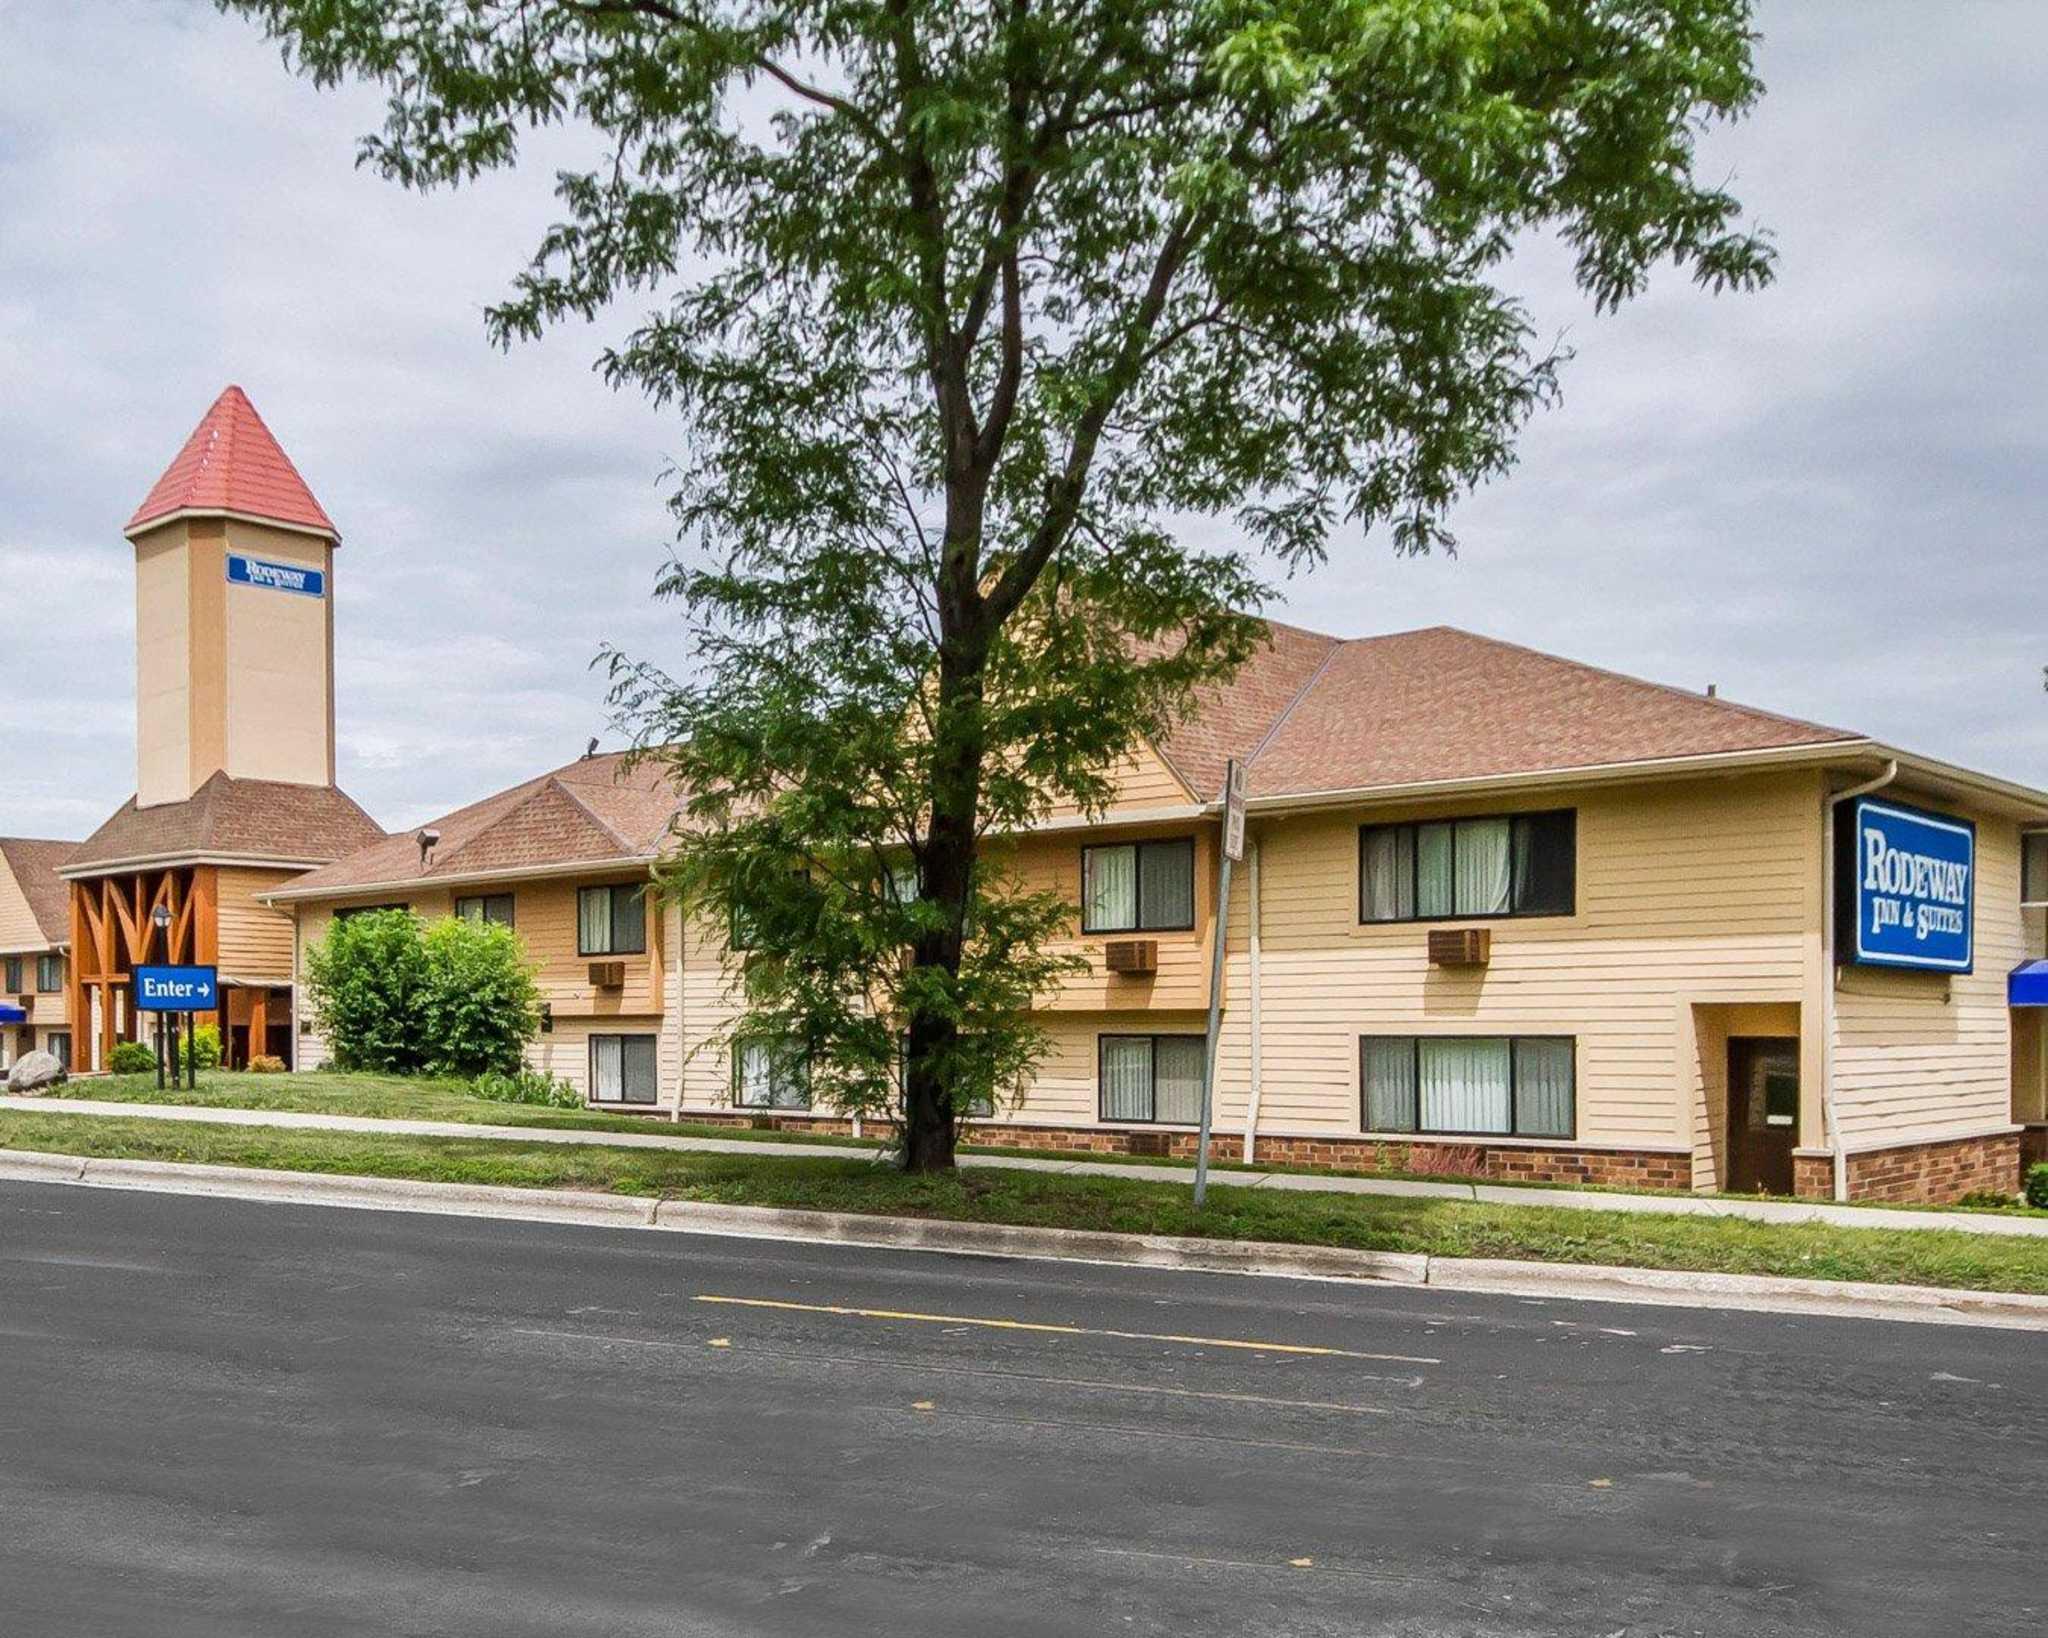 Rodeway Inn & Suites Madison-Northeast Hotel - TripAdvisor